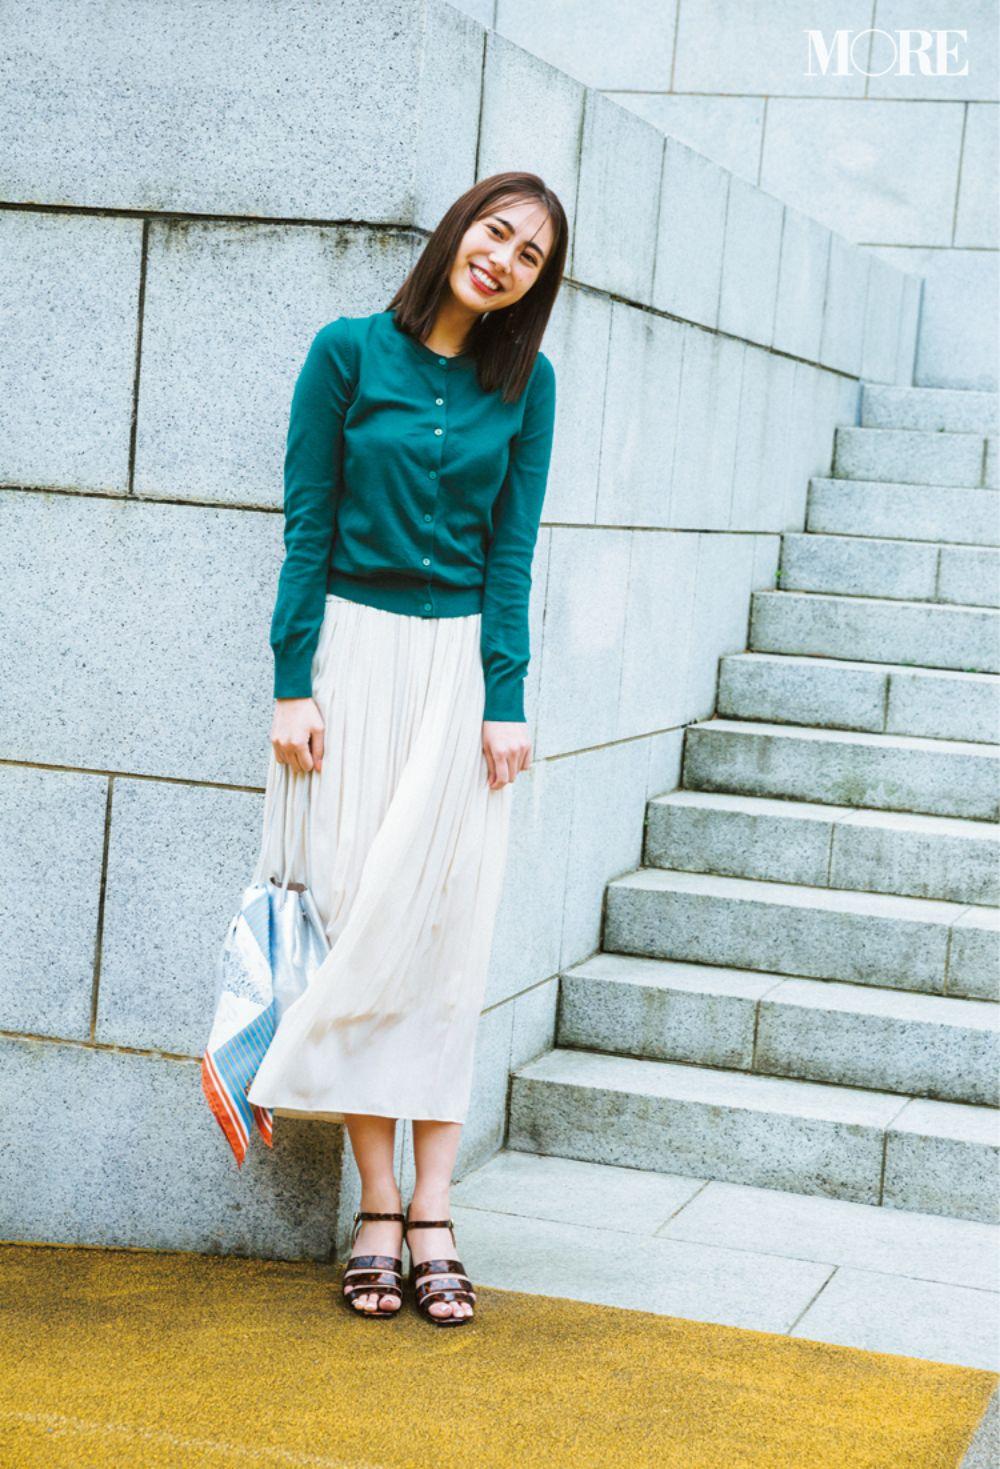 プチプラサンダル特集《2019春夏》- 人気のGU新作など6000円以下の可愛いサンダル_5